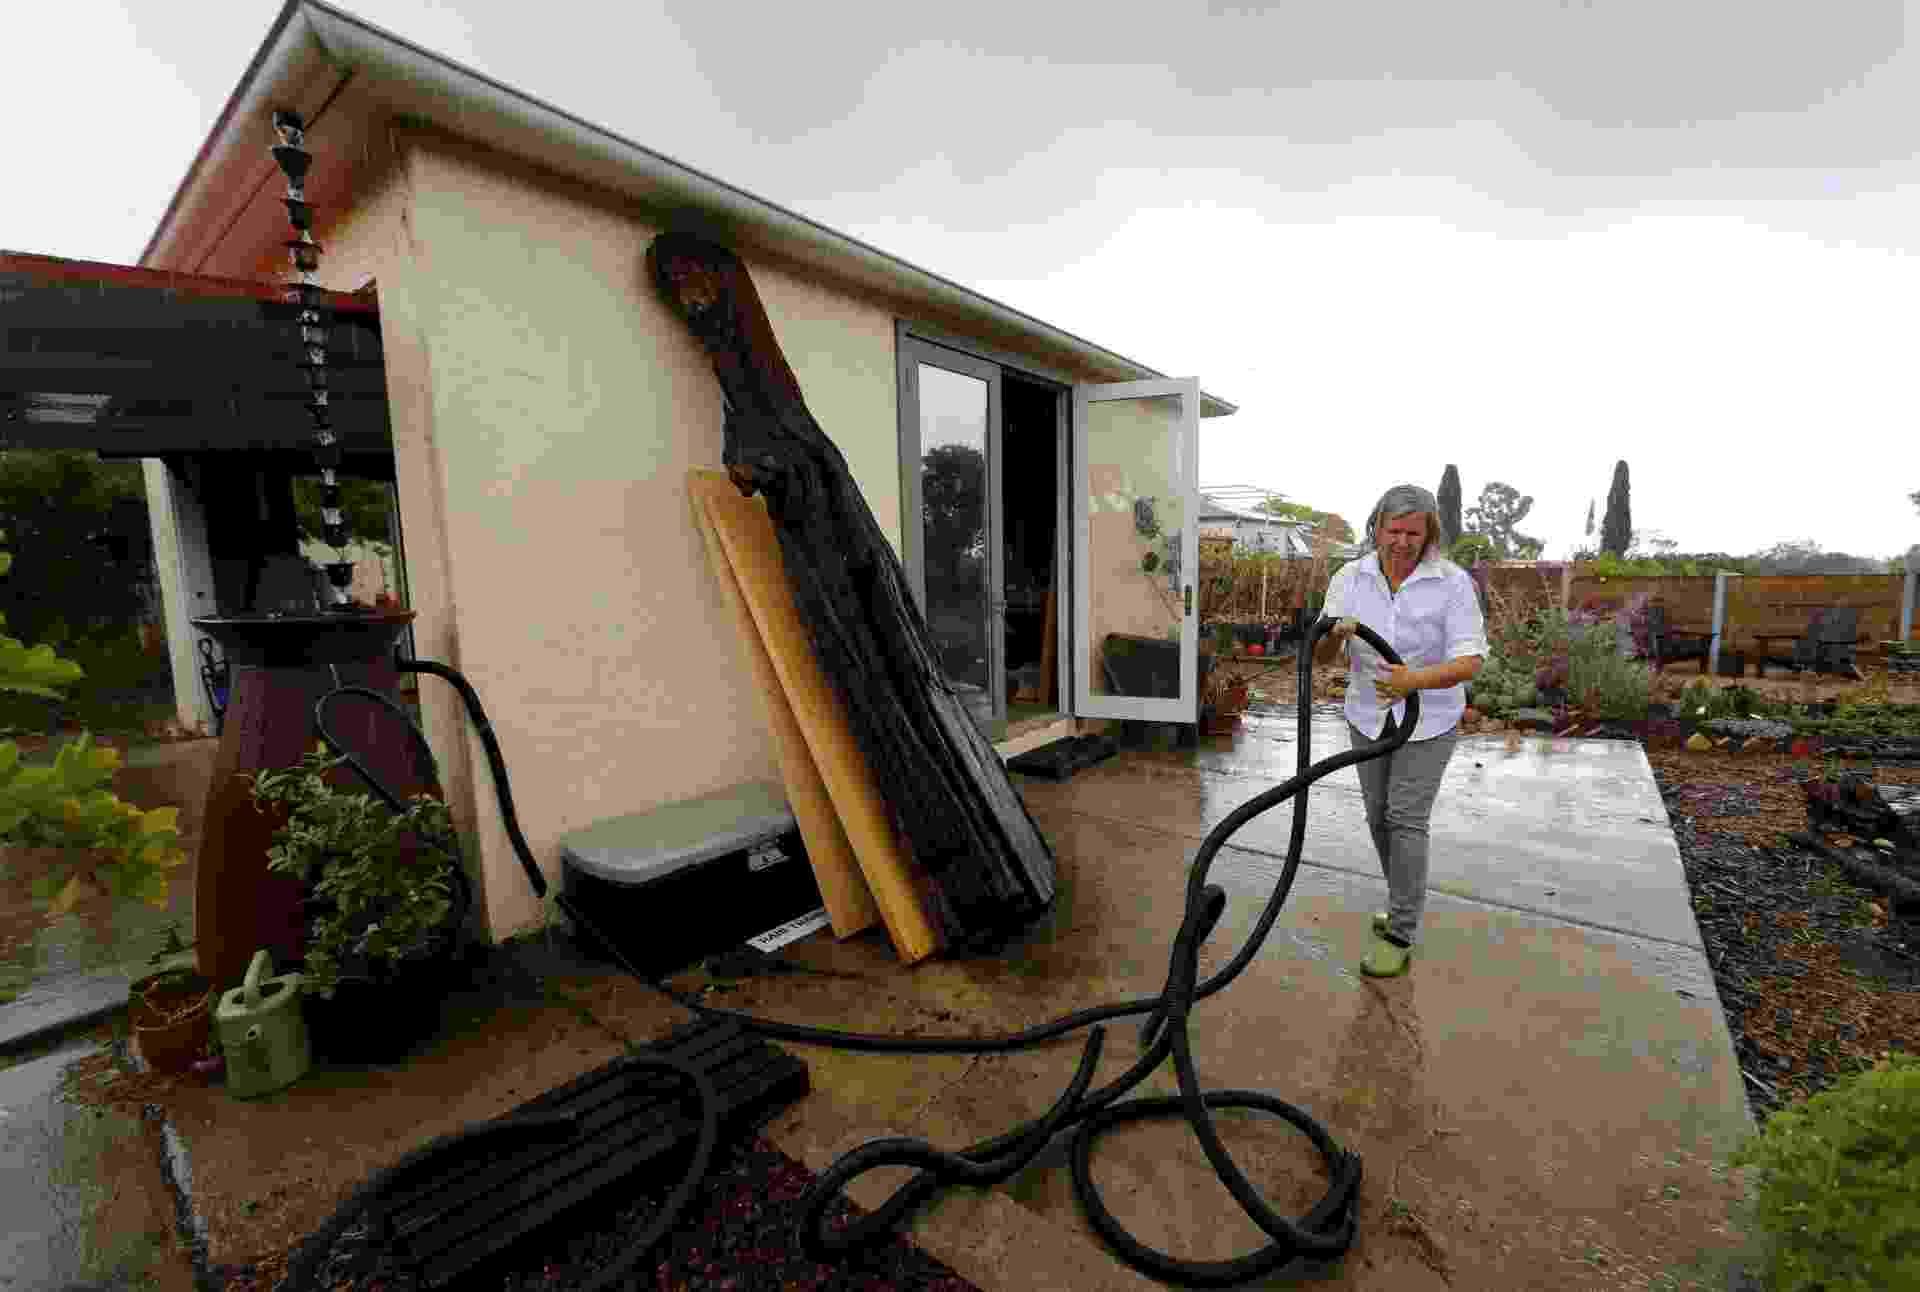 8.mai.2015 - Candace Vanderhoff criou um sistema artesanal para coleta da água e tem ajudado os californianos a lidarem com a pior seca da história do Estado norte-americano. O sistema artesanal coleta a água da chuva da calha para dentro de um galão de 65 litros, enquanto Candace Vanderhoff segura uma mangueira em seu jardim em San Diego, na Califórnia (EUA). Candece criou a RainThanks, uma empresa que oferece soluções como essa para aproveitamento de água - Mike Blake/Reuters